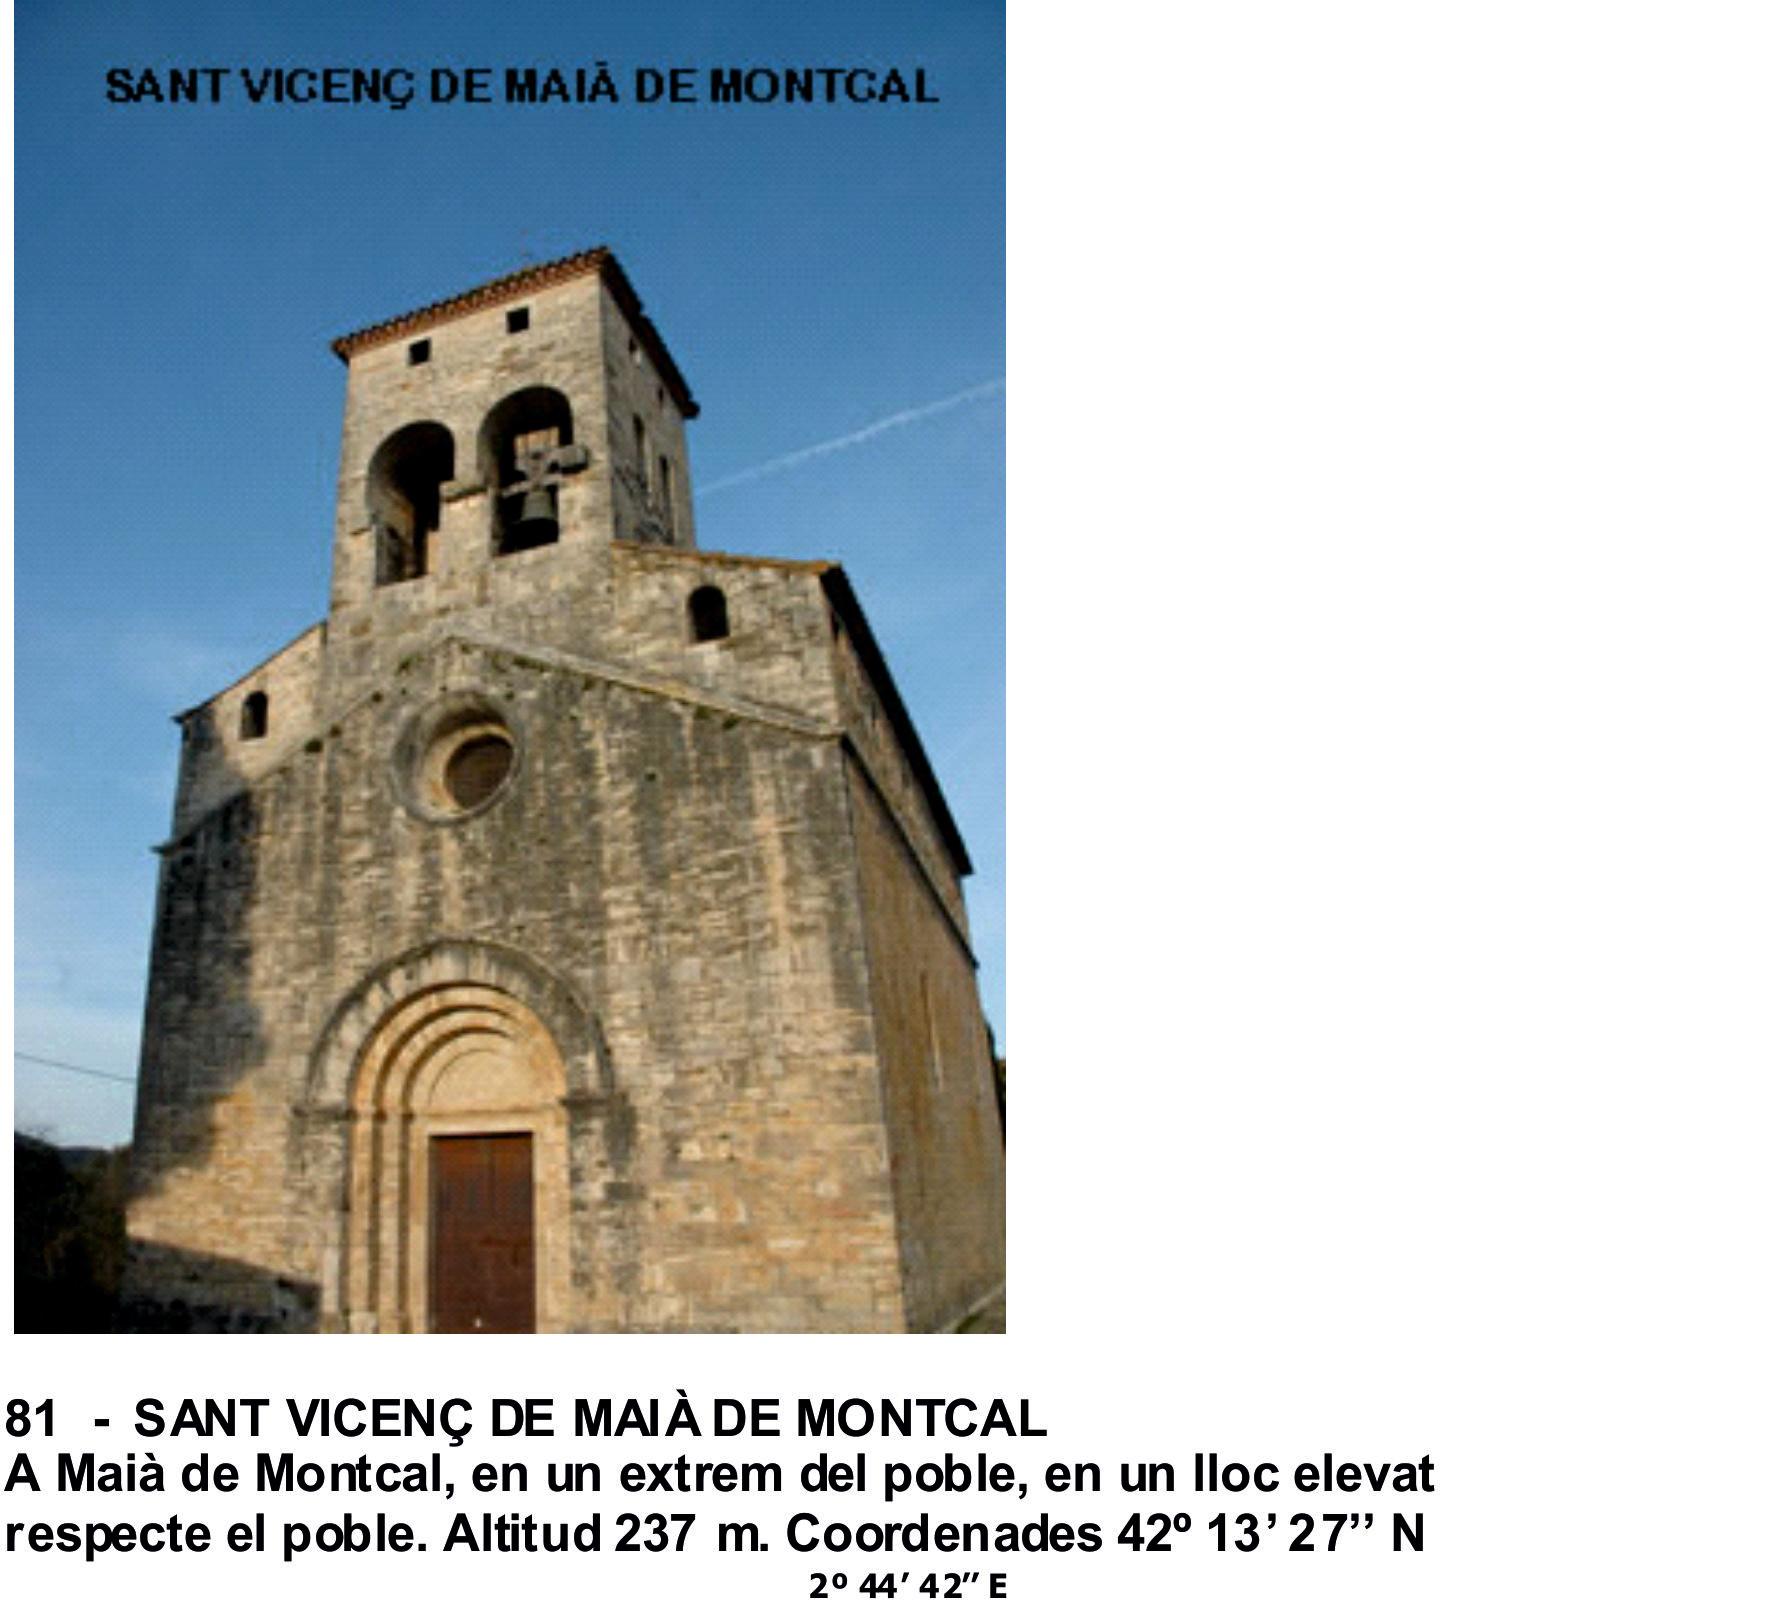 81__-__SANT_VICENÇ_DE_MAIÀ_DE_MONTCAL